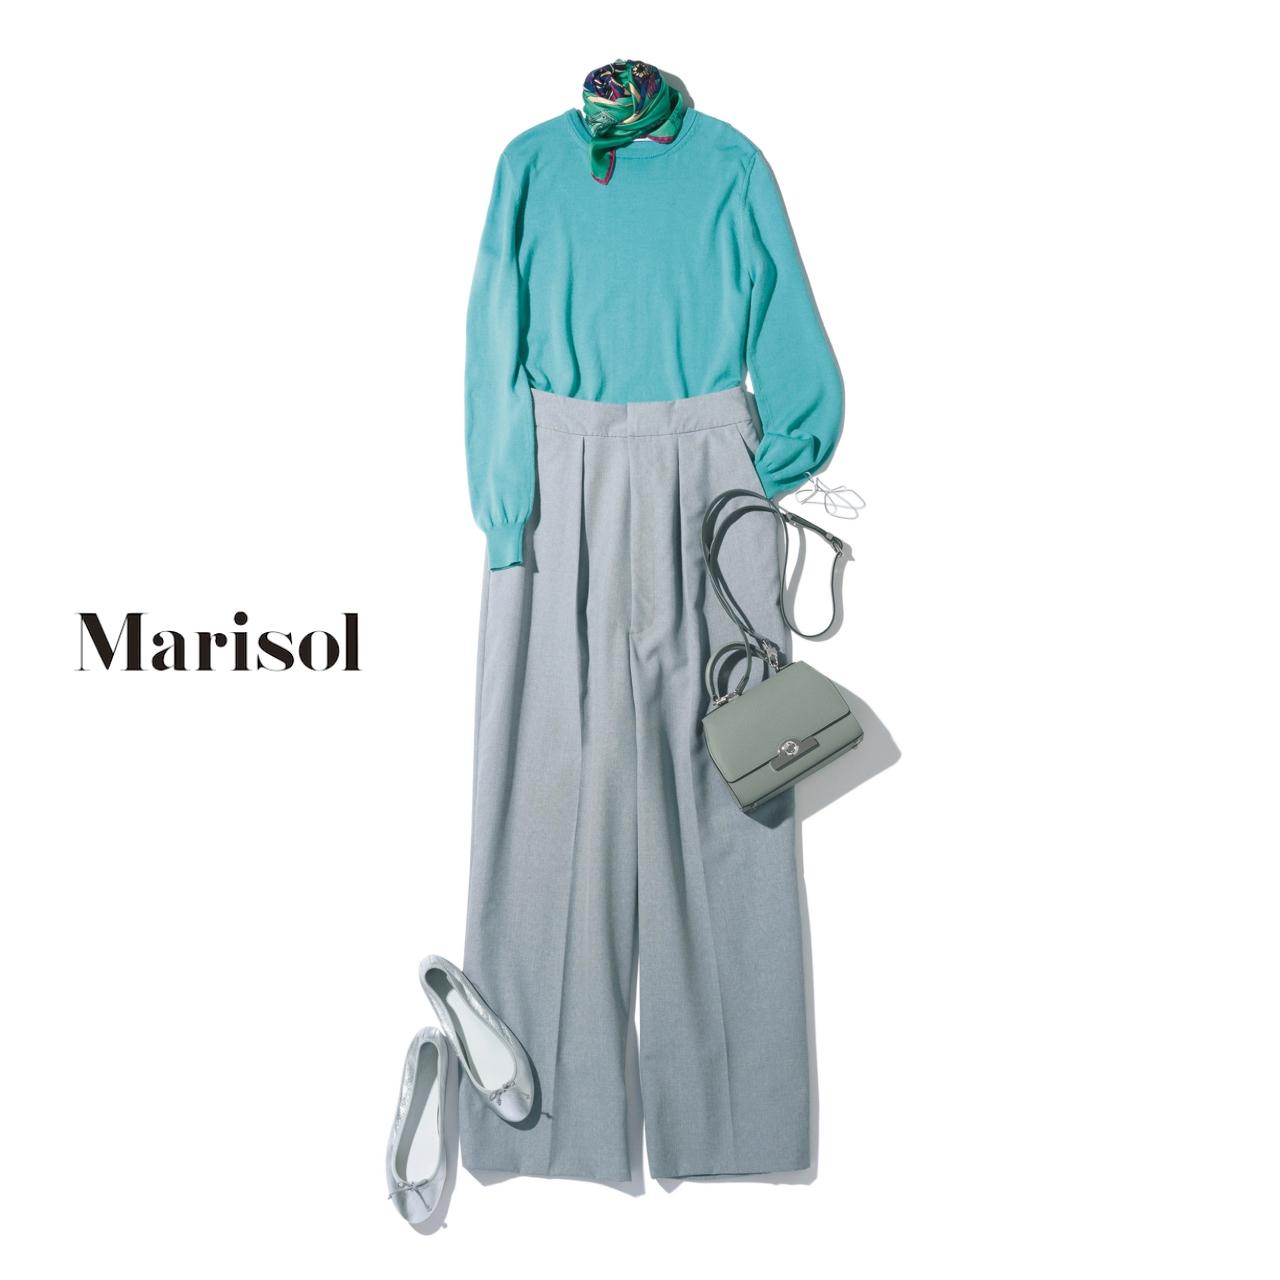 40代ファッション ミントブルーニット×グレーワイドパンツコーデ